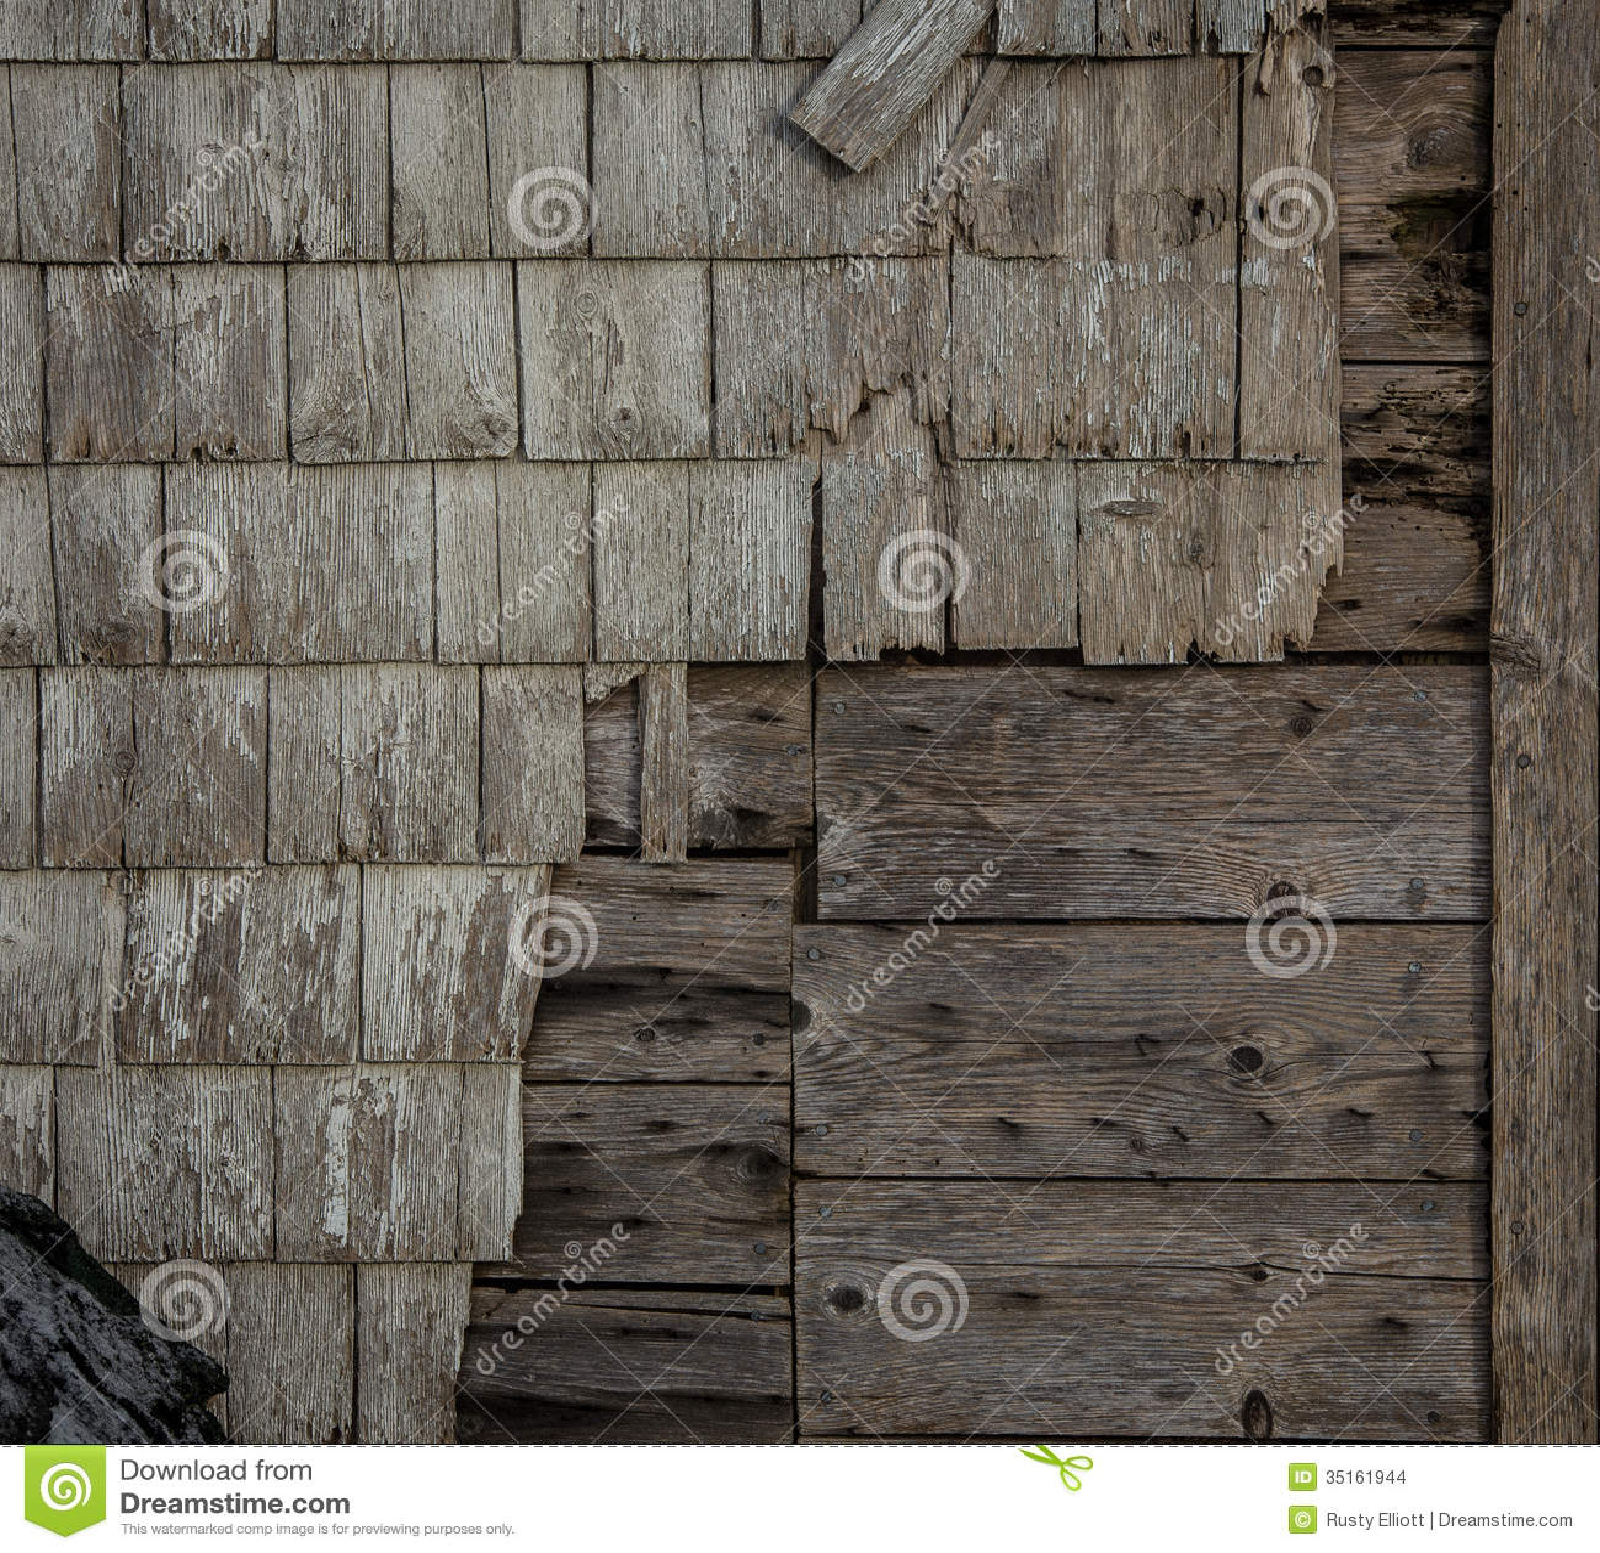 Old Wooden Siding Stock Photo Image Of Shingles Damaged